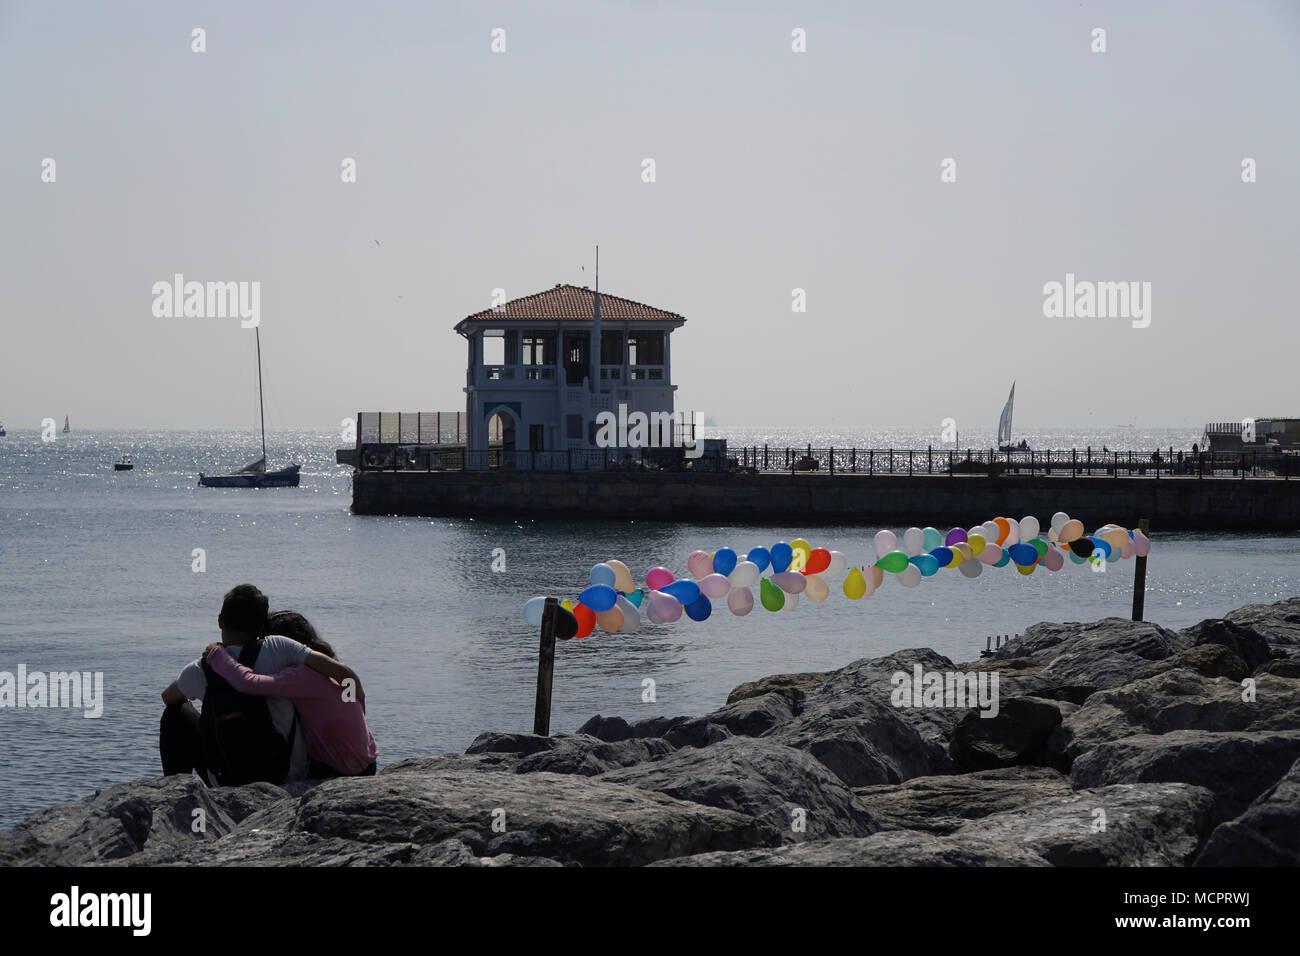 Estambul, Turquía - 14 de abril de 2018 : Una joven pareja turco están sentados en las rocas y abrazando a la playa de Kadikoy, distrito de moda. Imagen De Stock